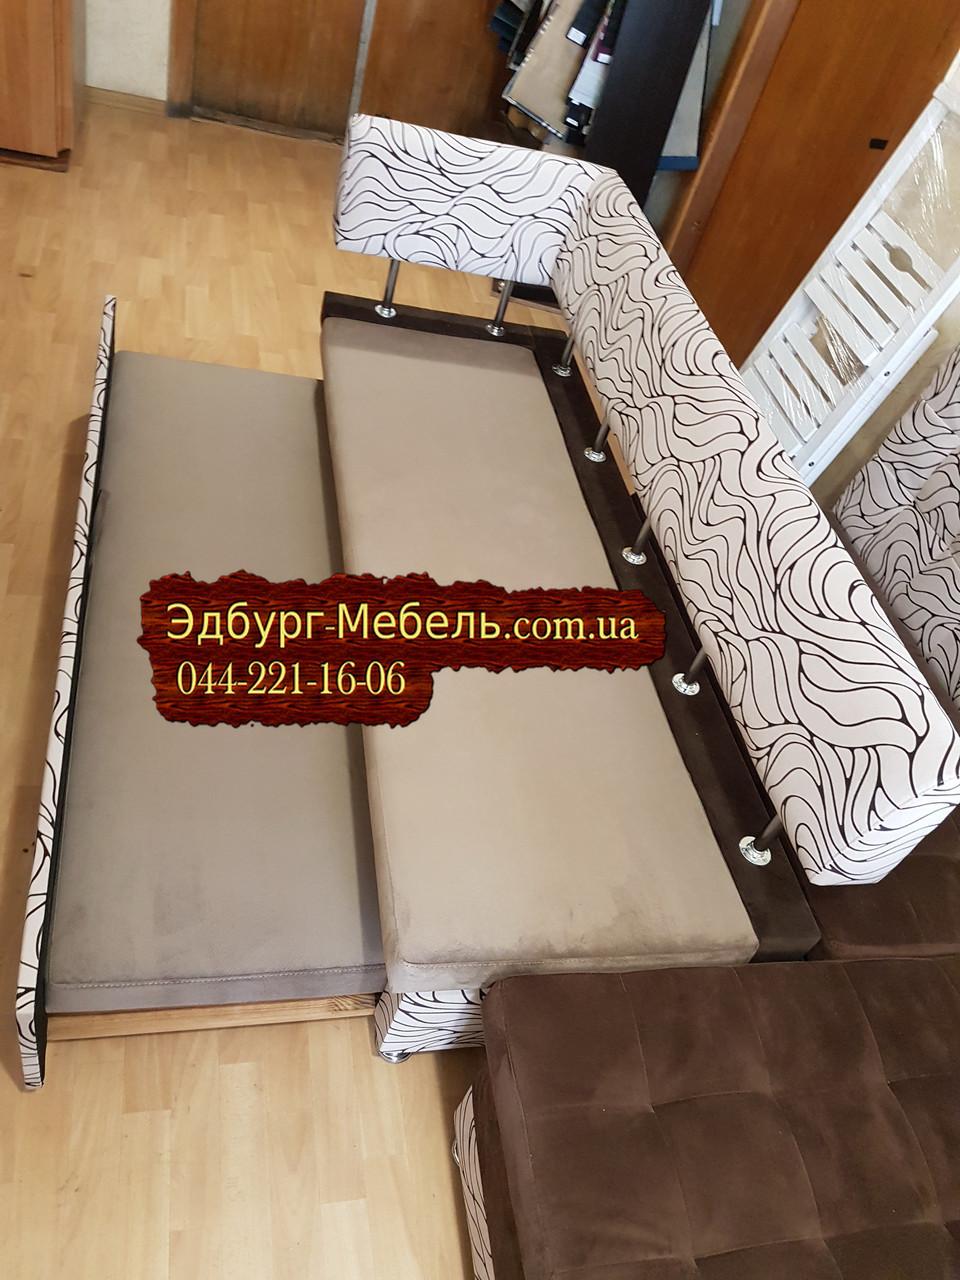 Диван для кухни Экстерн со спальным местом ткань антикот Качество